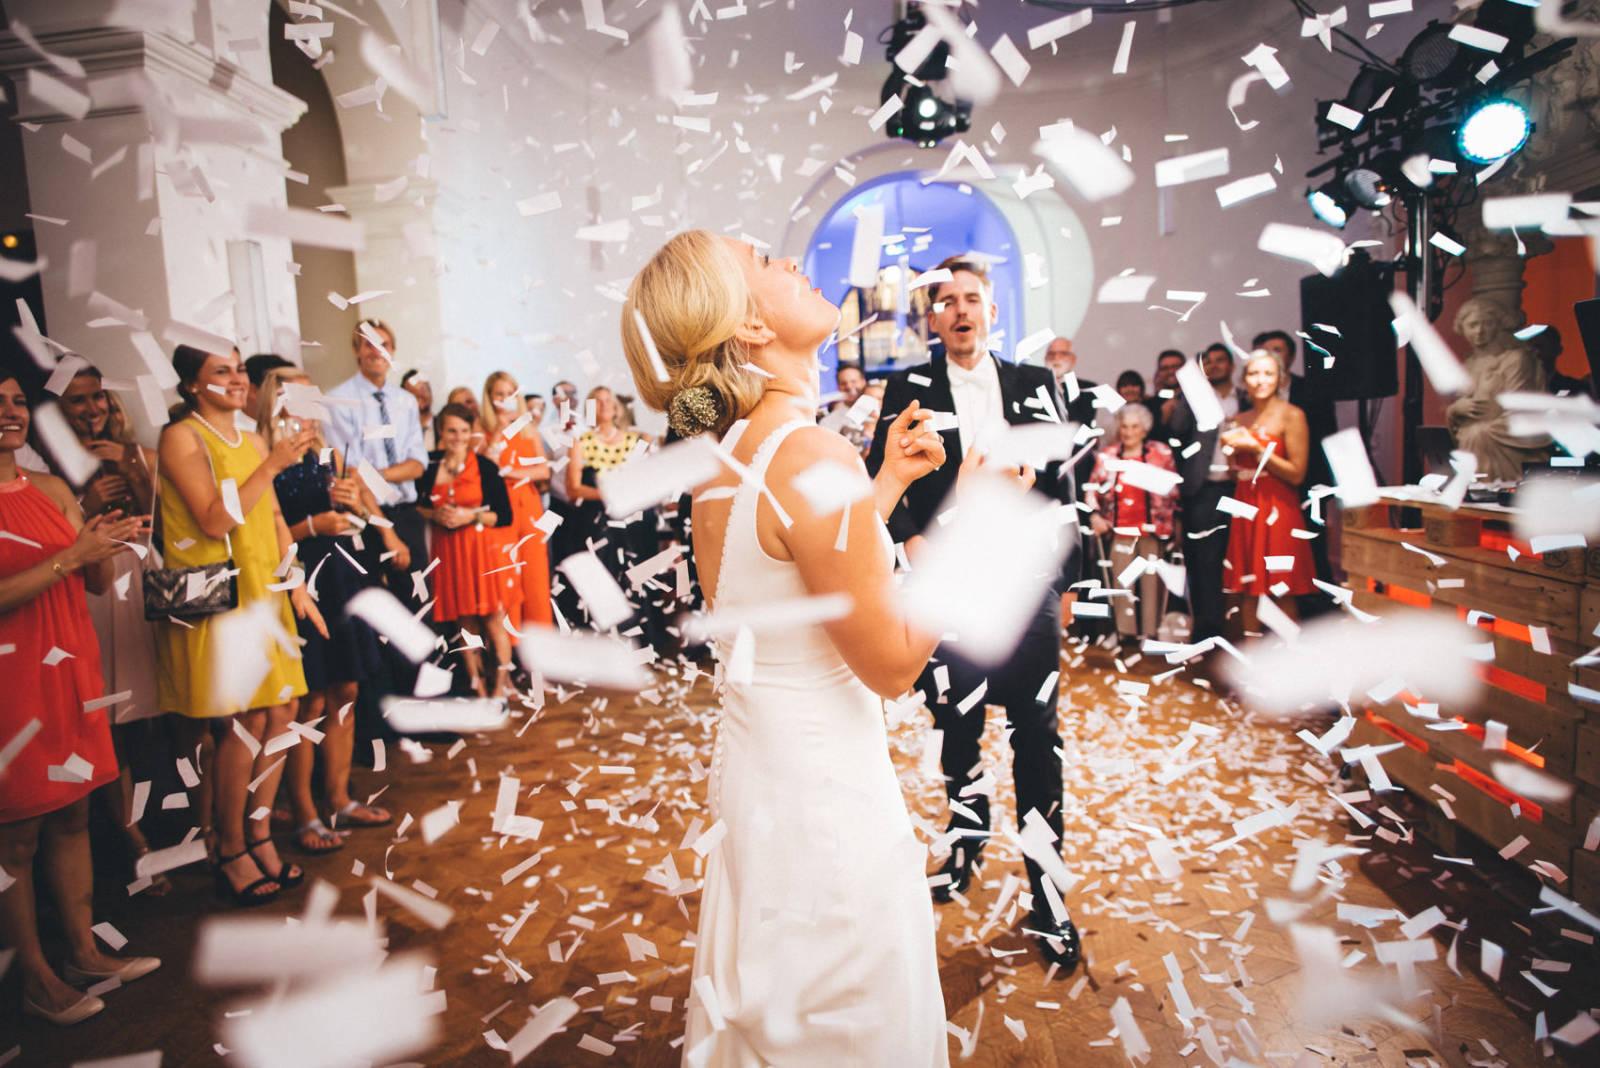 Kathrin + Julia Hochzeit Münster Hochzeitsreportage Hochzeitsfotograf Münster Bruno Biermann Hochzeitsfotograf Stuttgart Schlosshochzeit -85